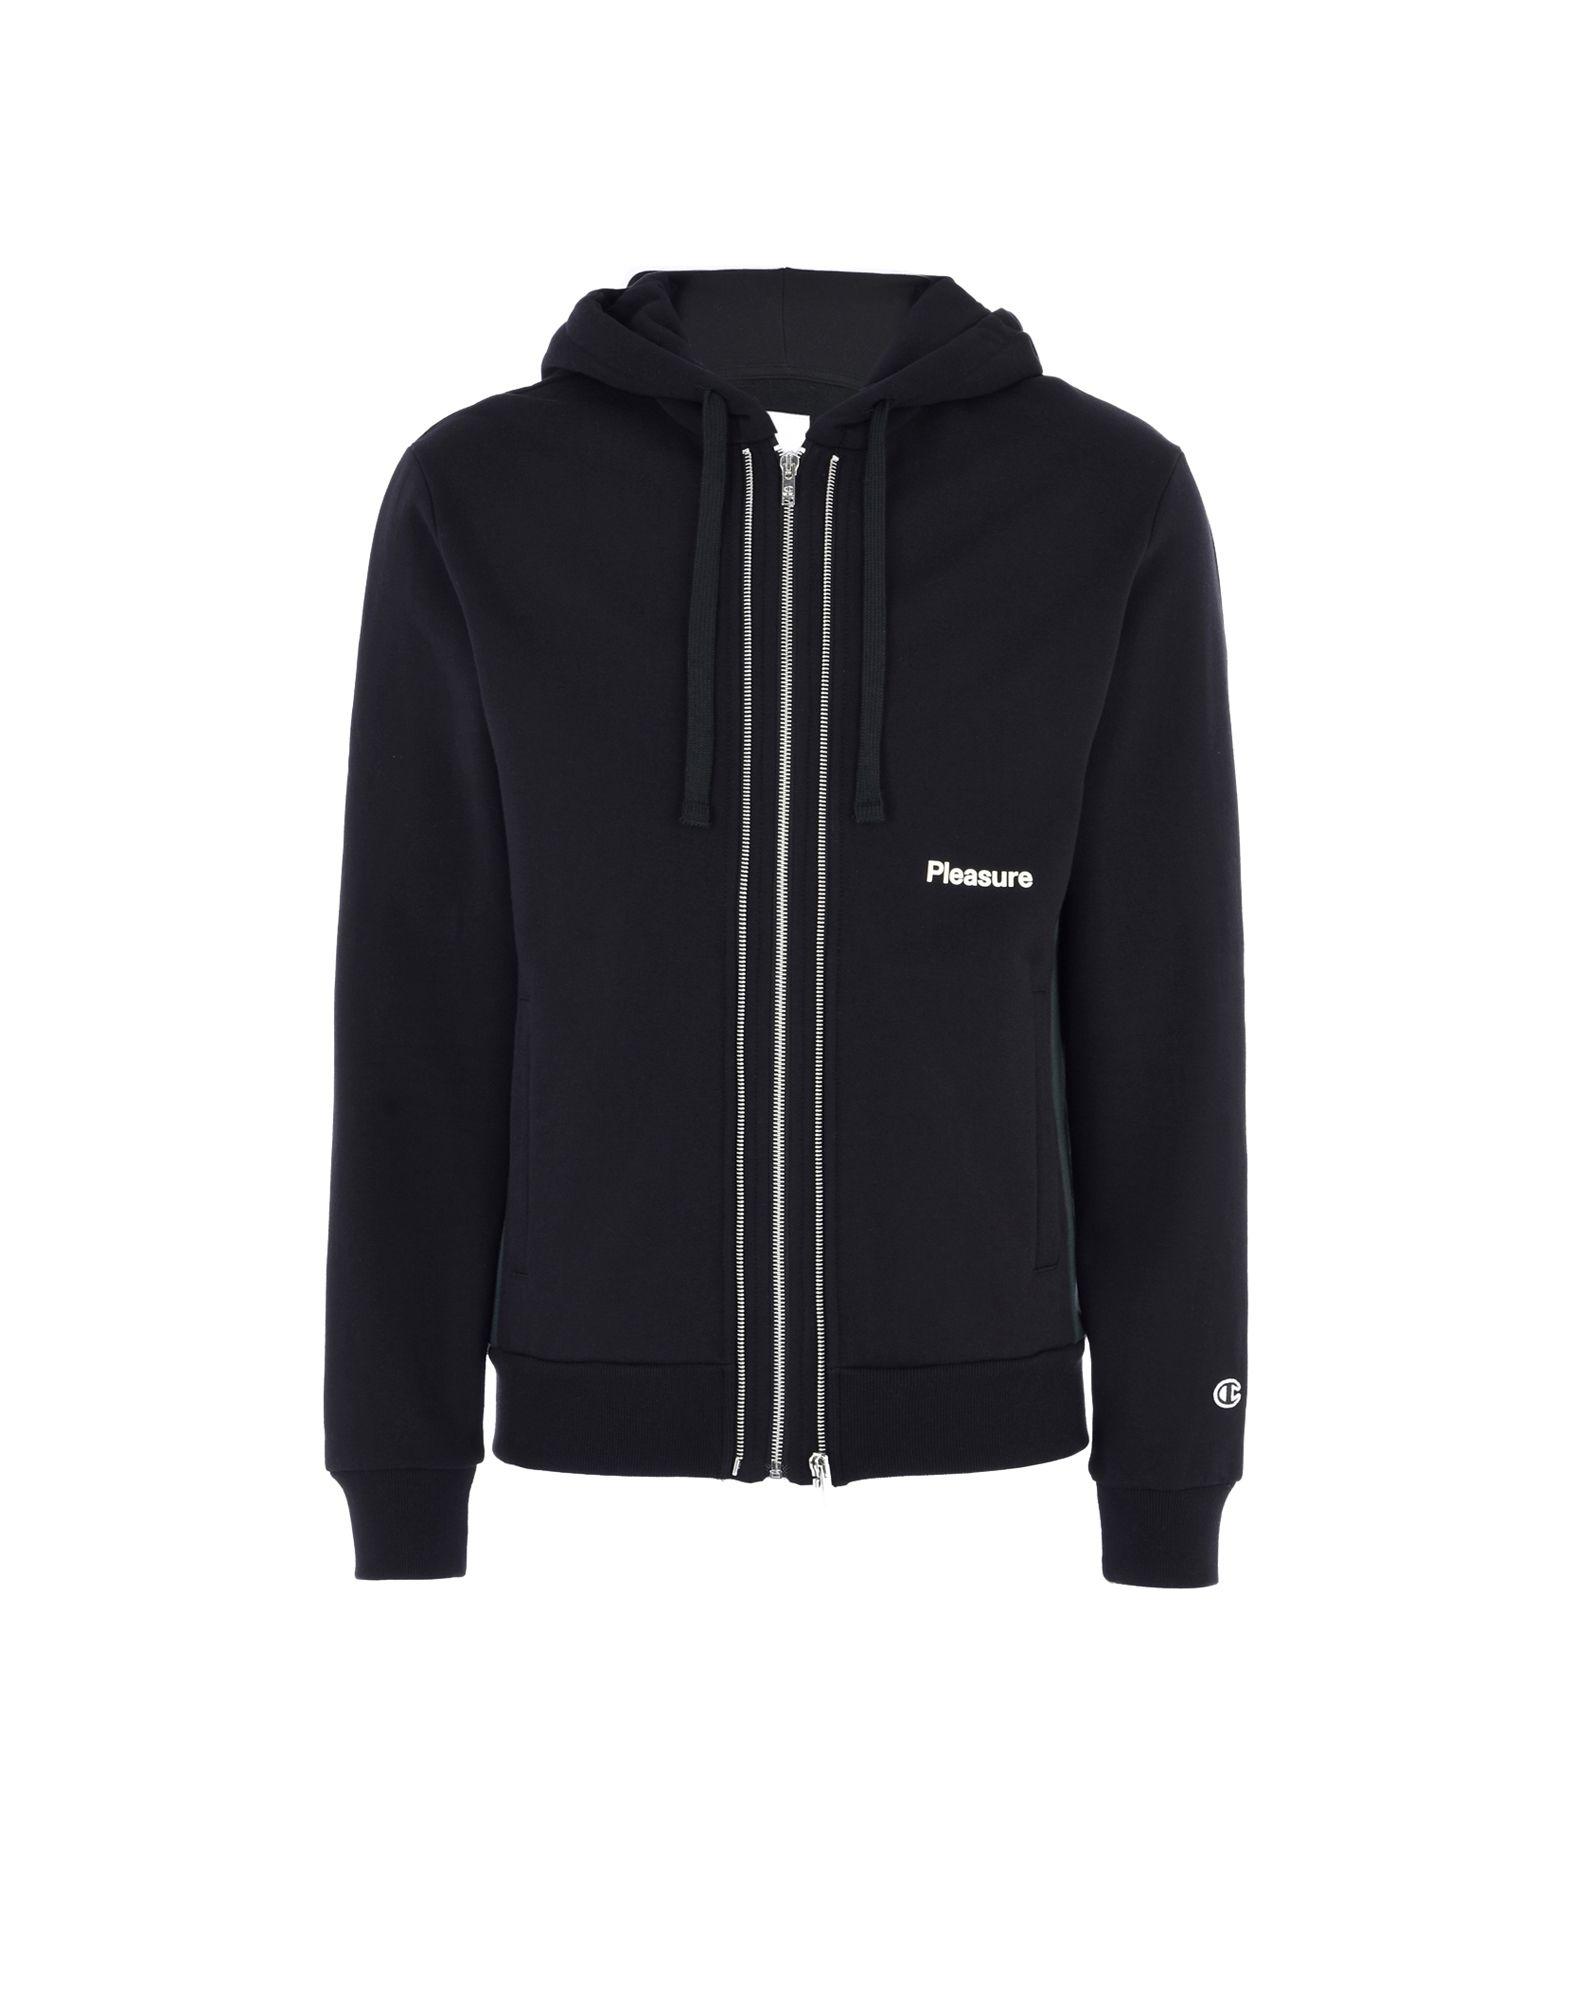 《送料無料》CHAMPION x WOOD WOOD メンズ スウェットシャツ ブラック S コットン 100% LOGO HOODED FULL ZIP SWEATSHIRT